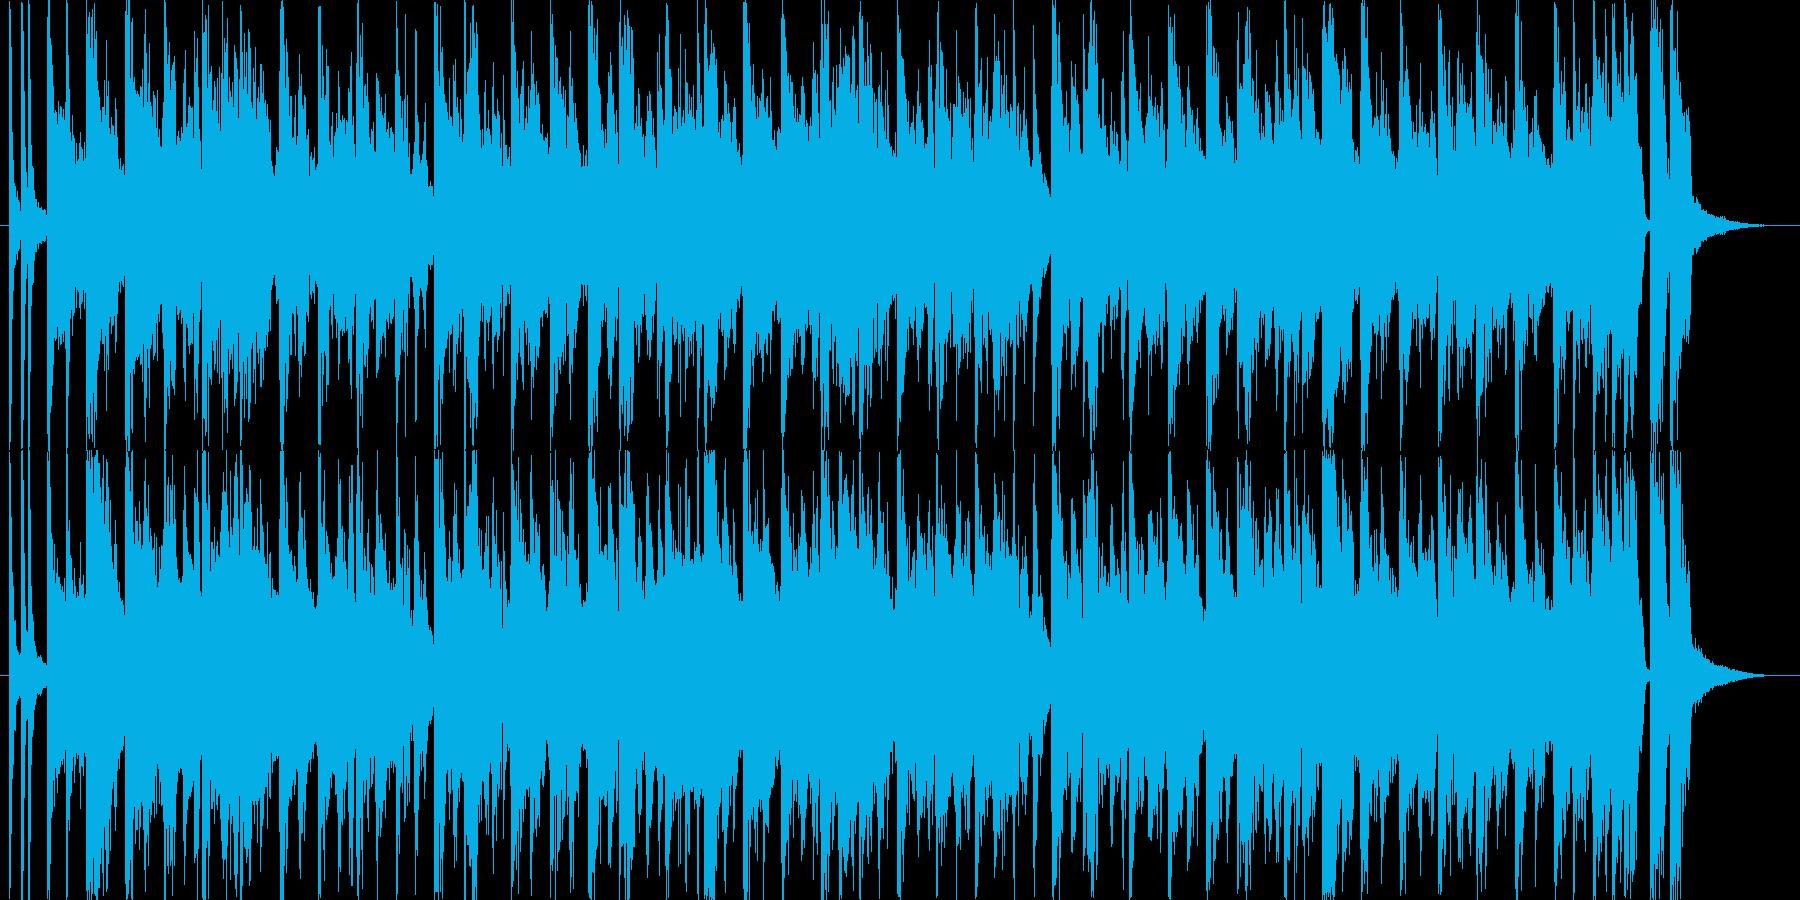 ハッピーな雰囲気のジングルの再生済みの波形